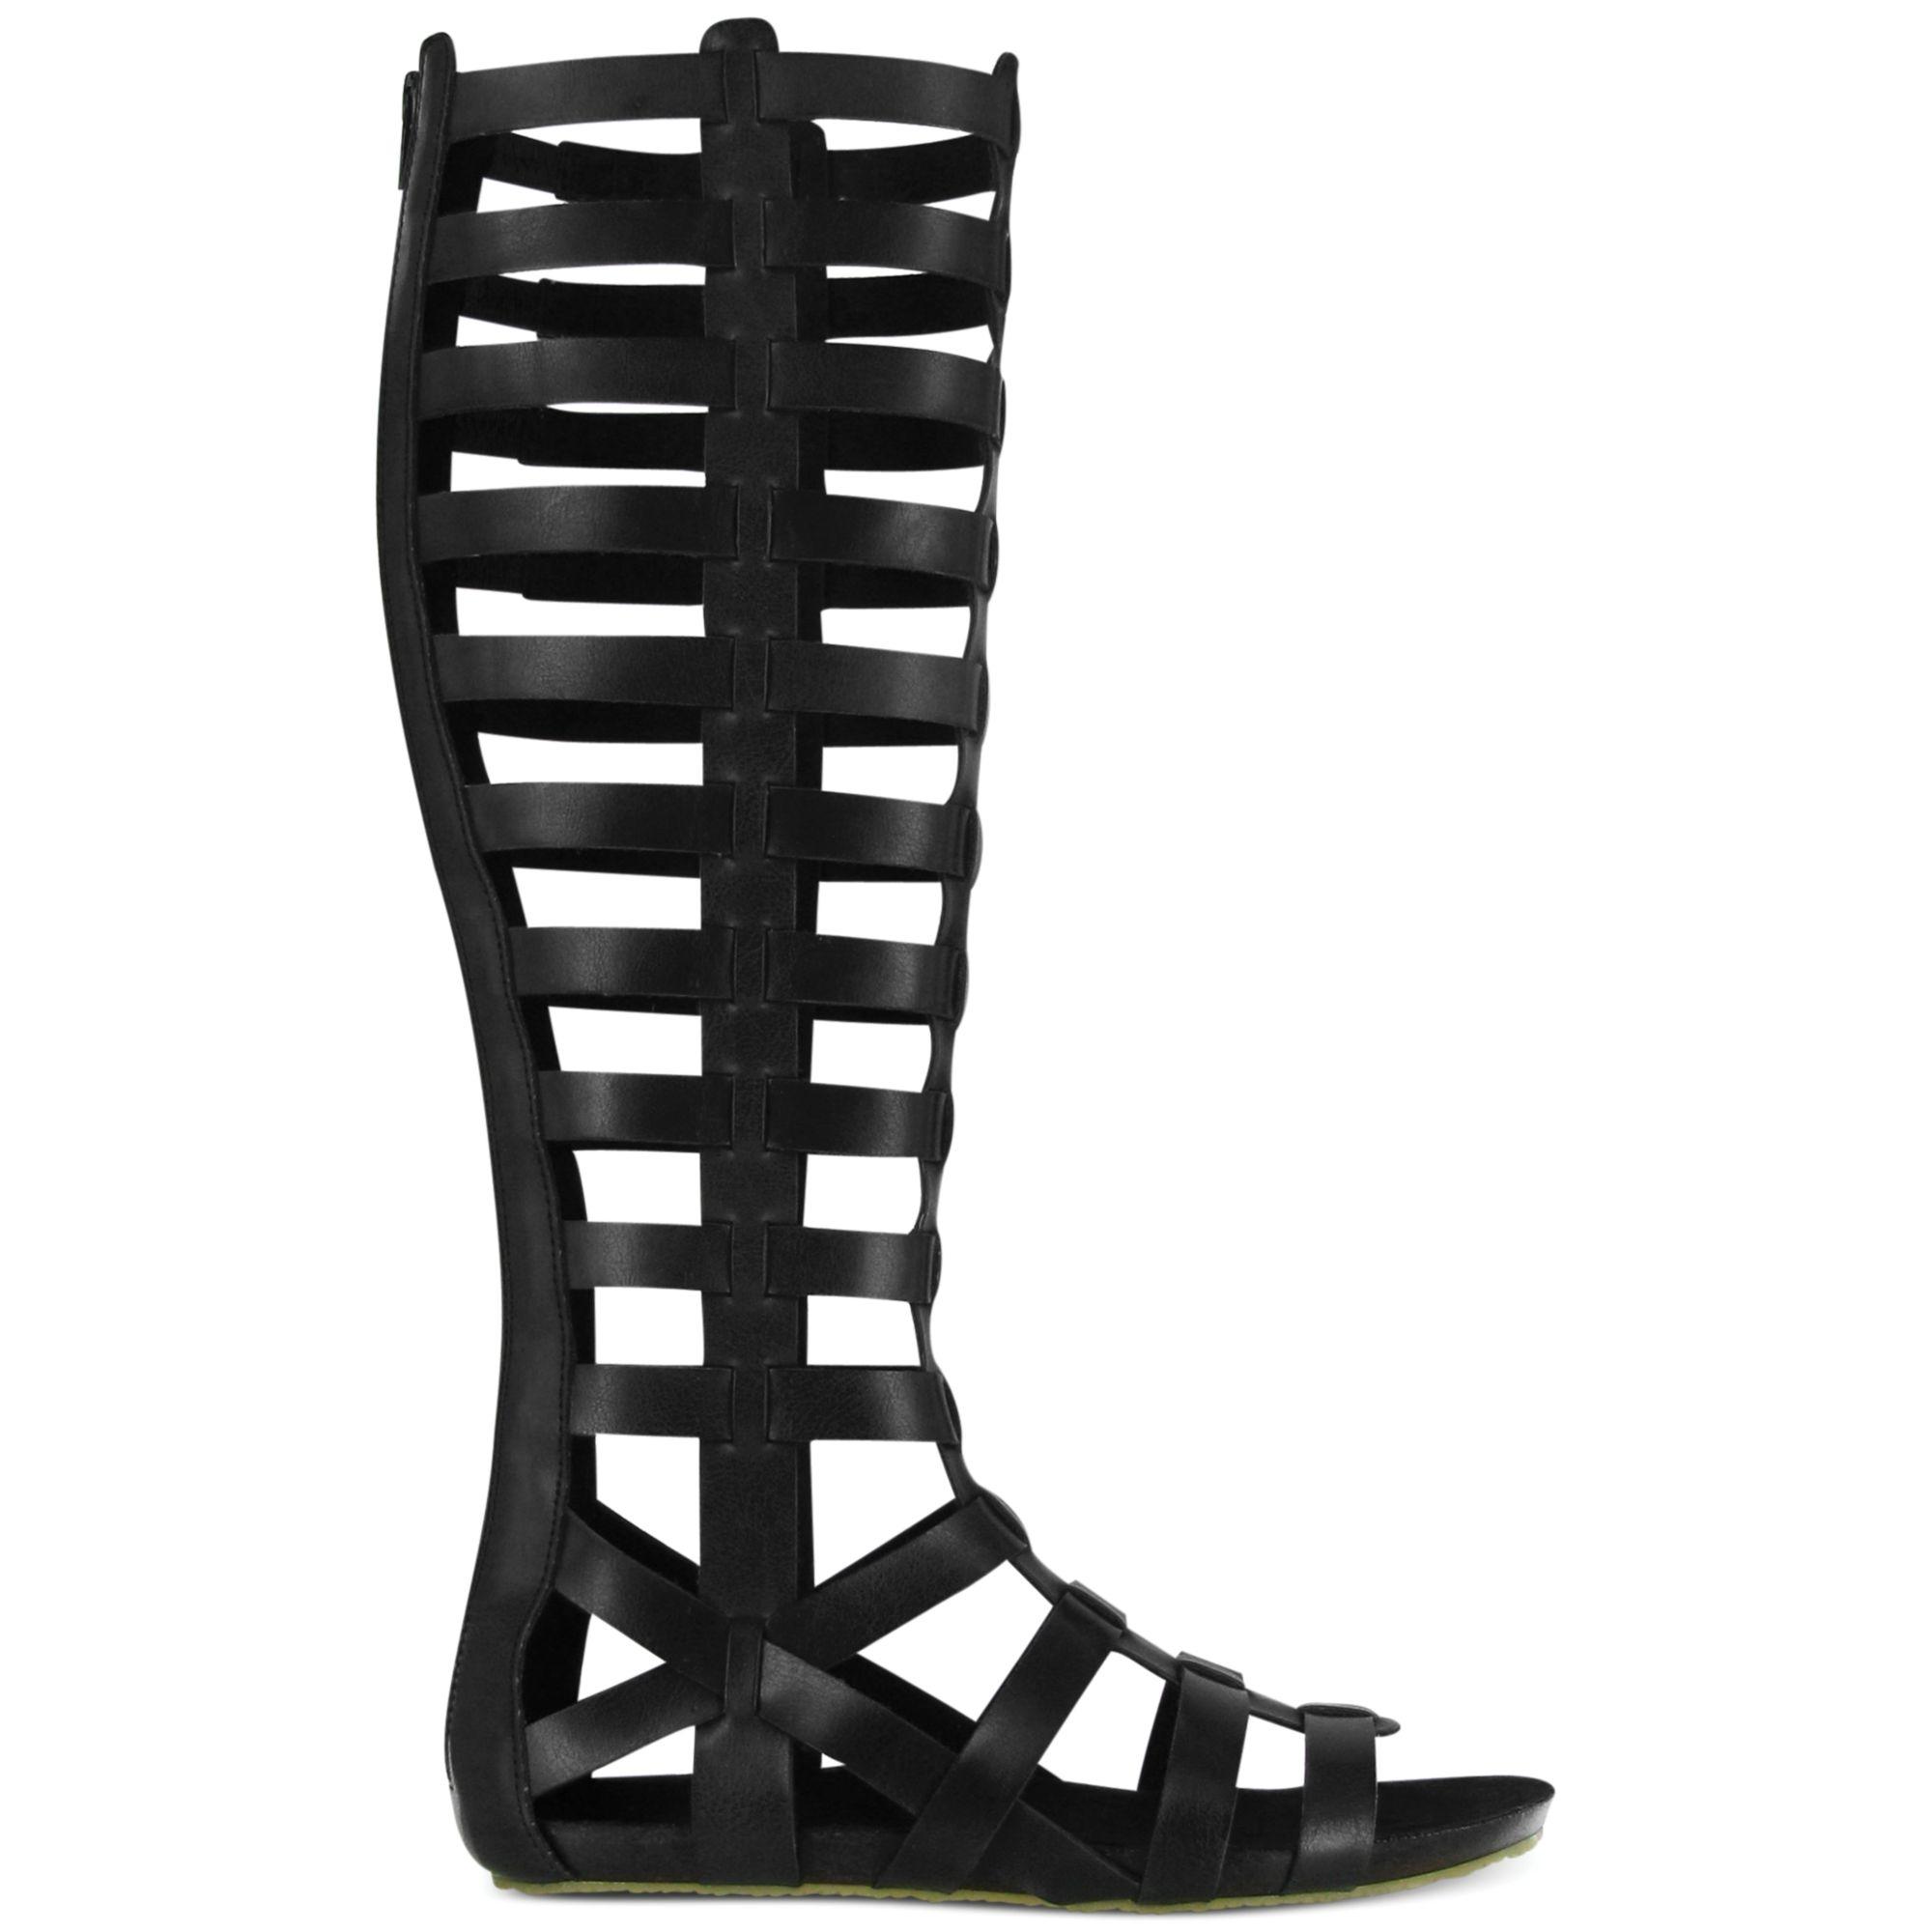 Mia Glitterati Tall Gladiator Sandals In Black Lyst